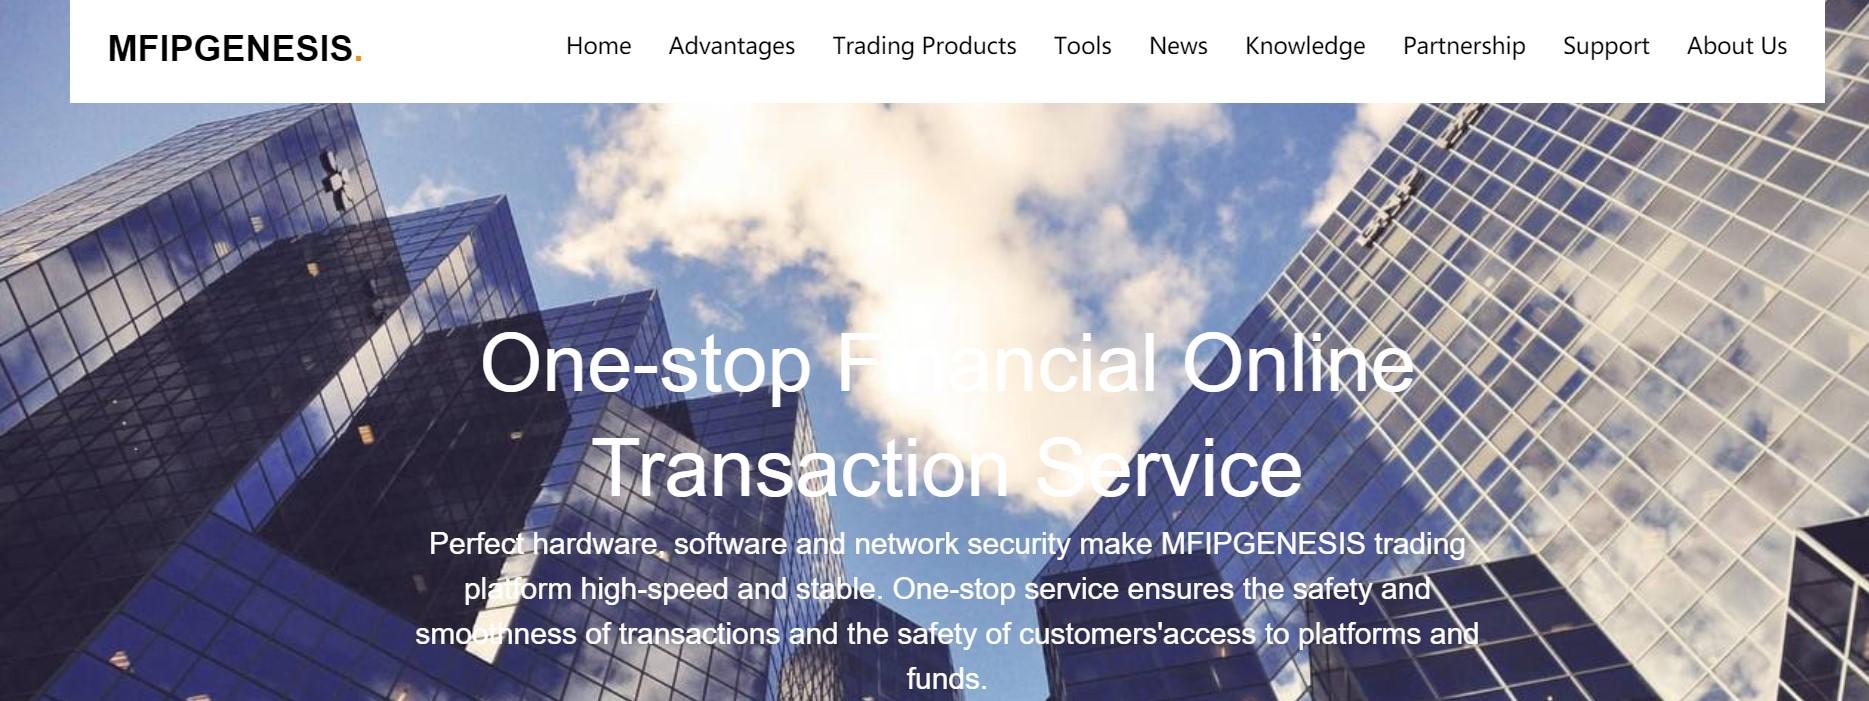 MFIP Genesis Group website